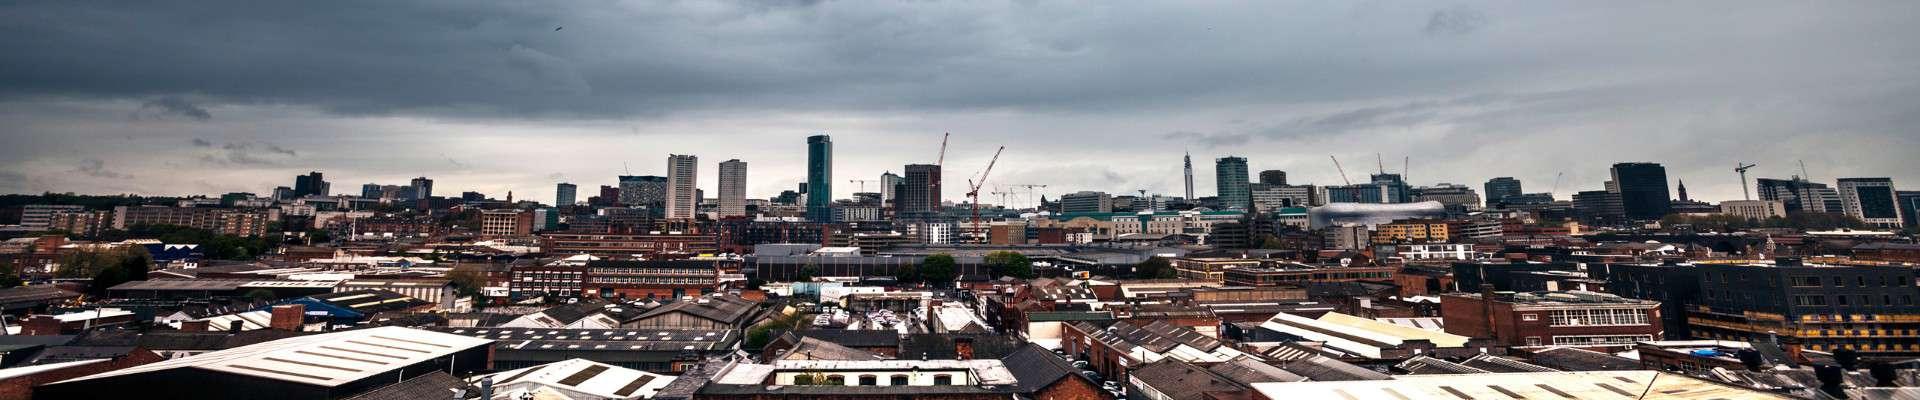 Birmingham Properties Market